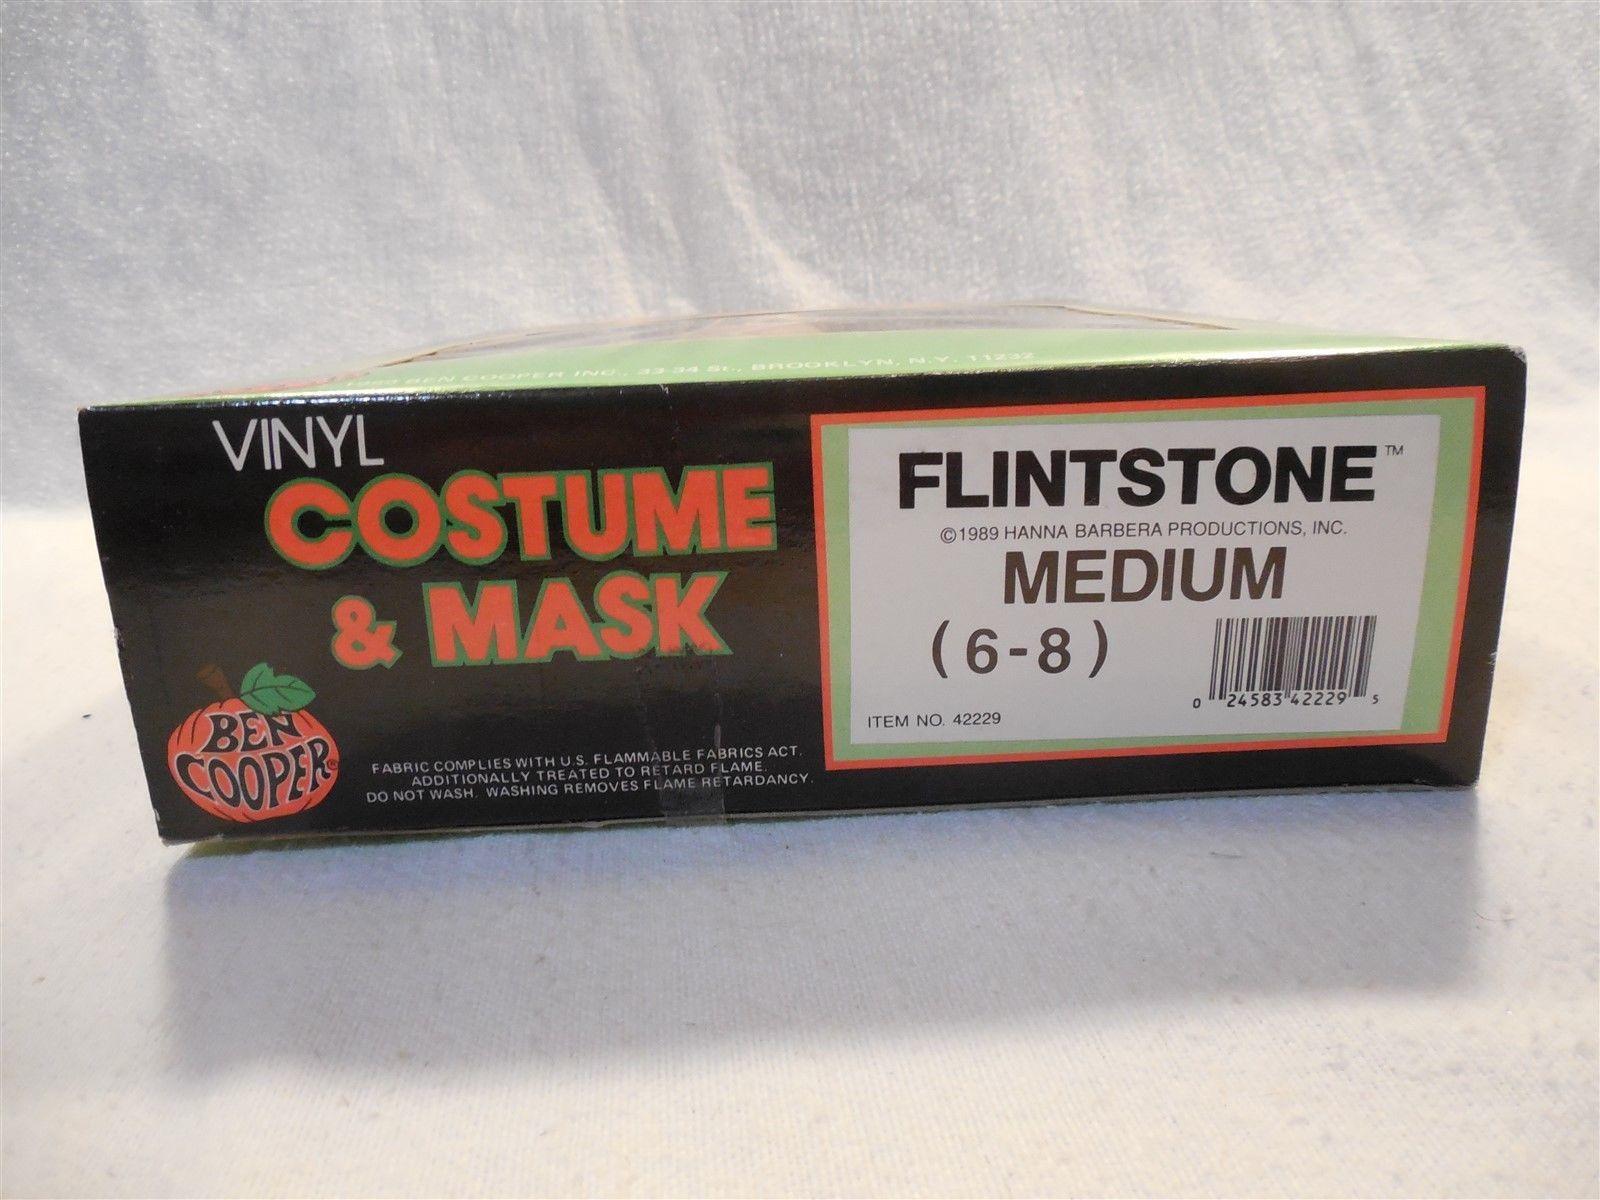 Flintstones 1989 Ben Cooper Fred Flintstone Halloween Costume No 42229 Medium